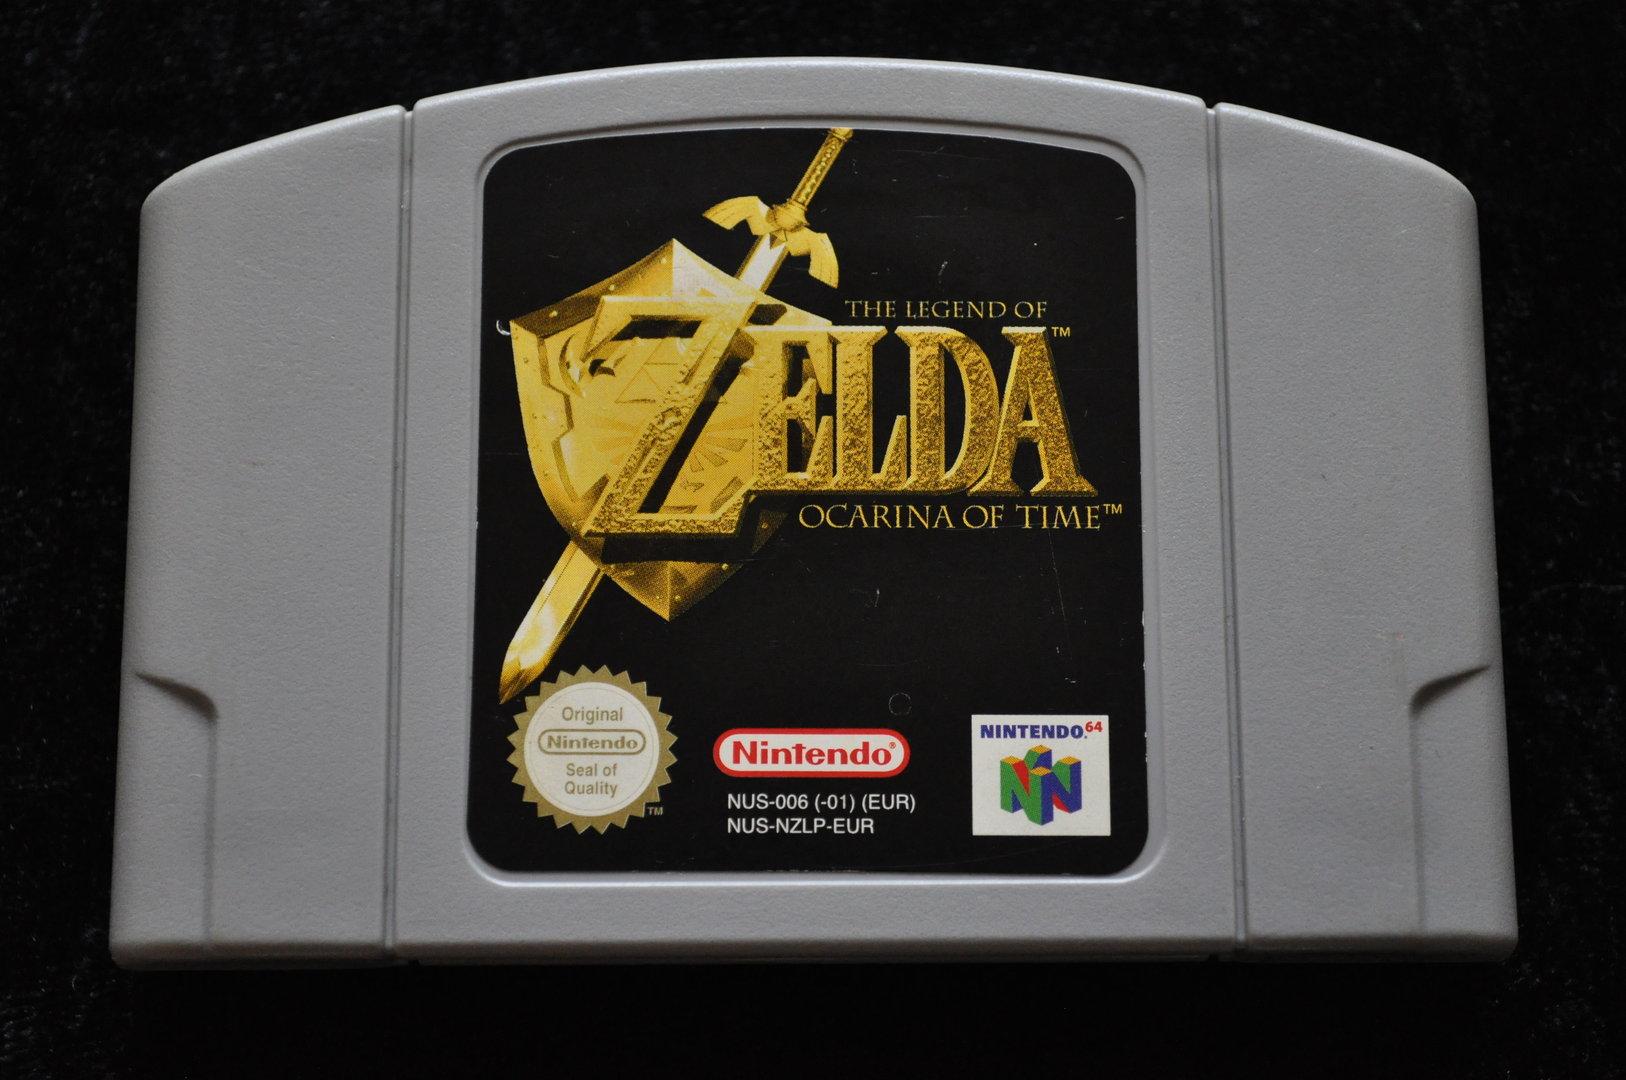 The Legend of Zelda Ocariona of Time